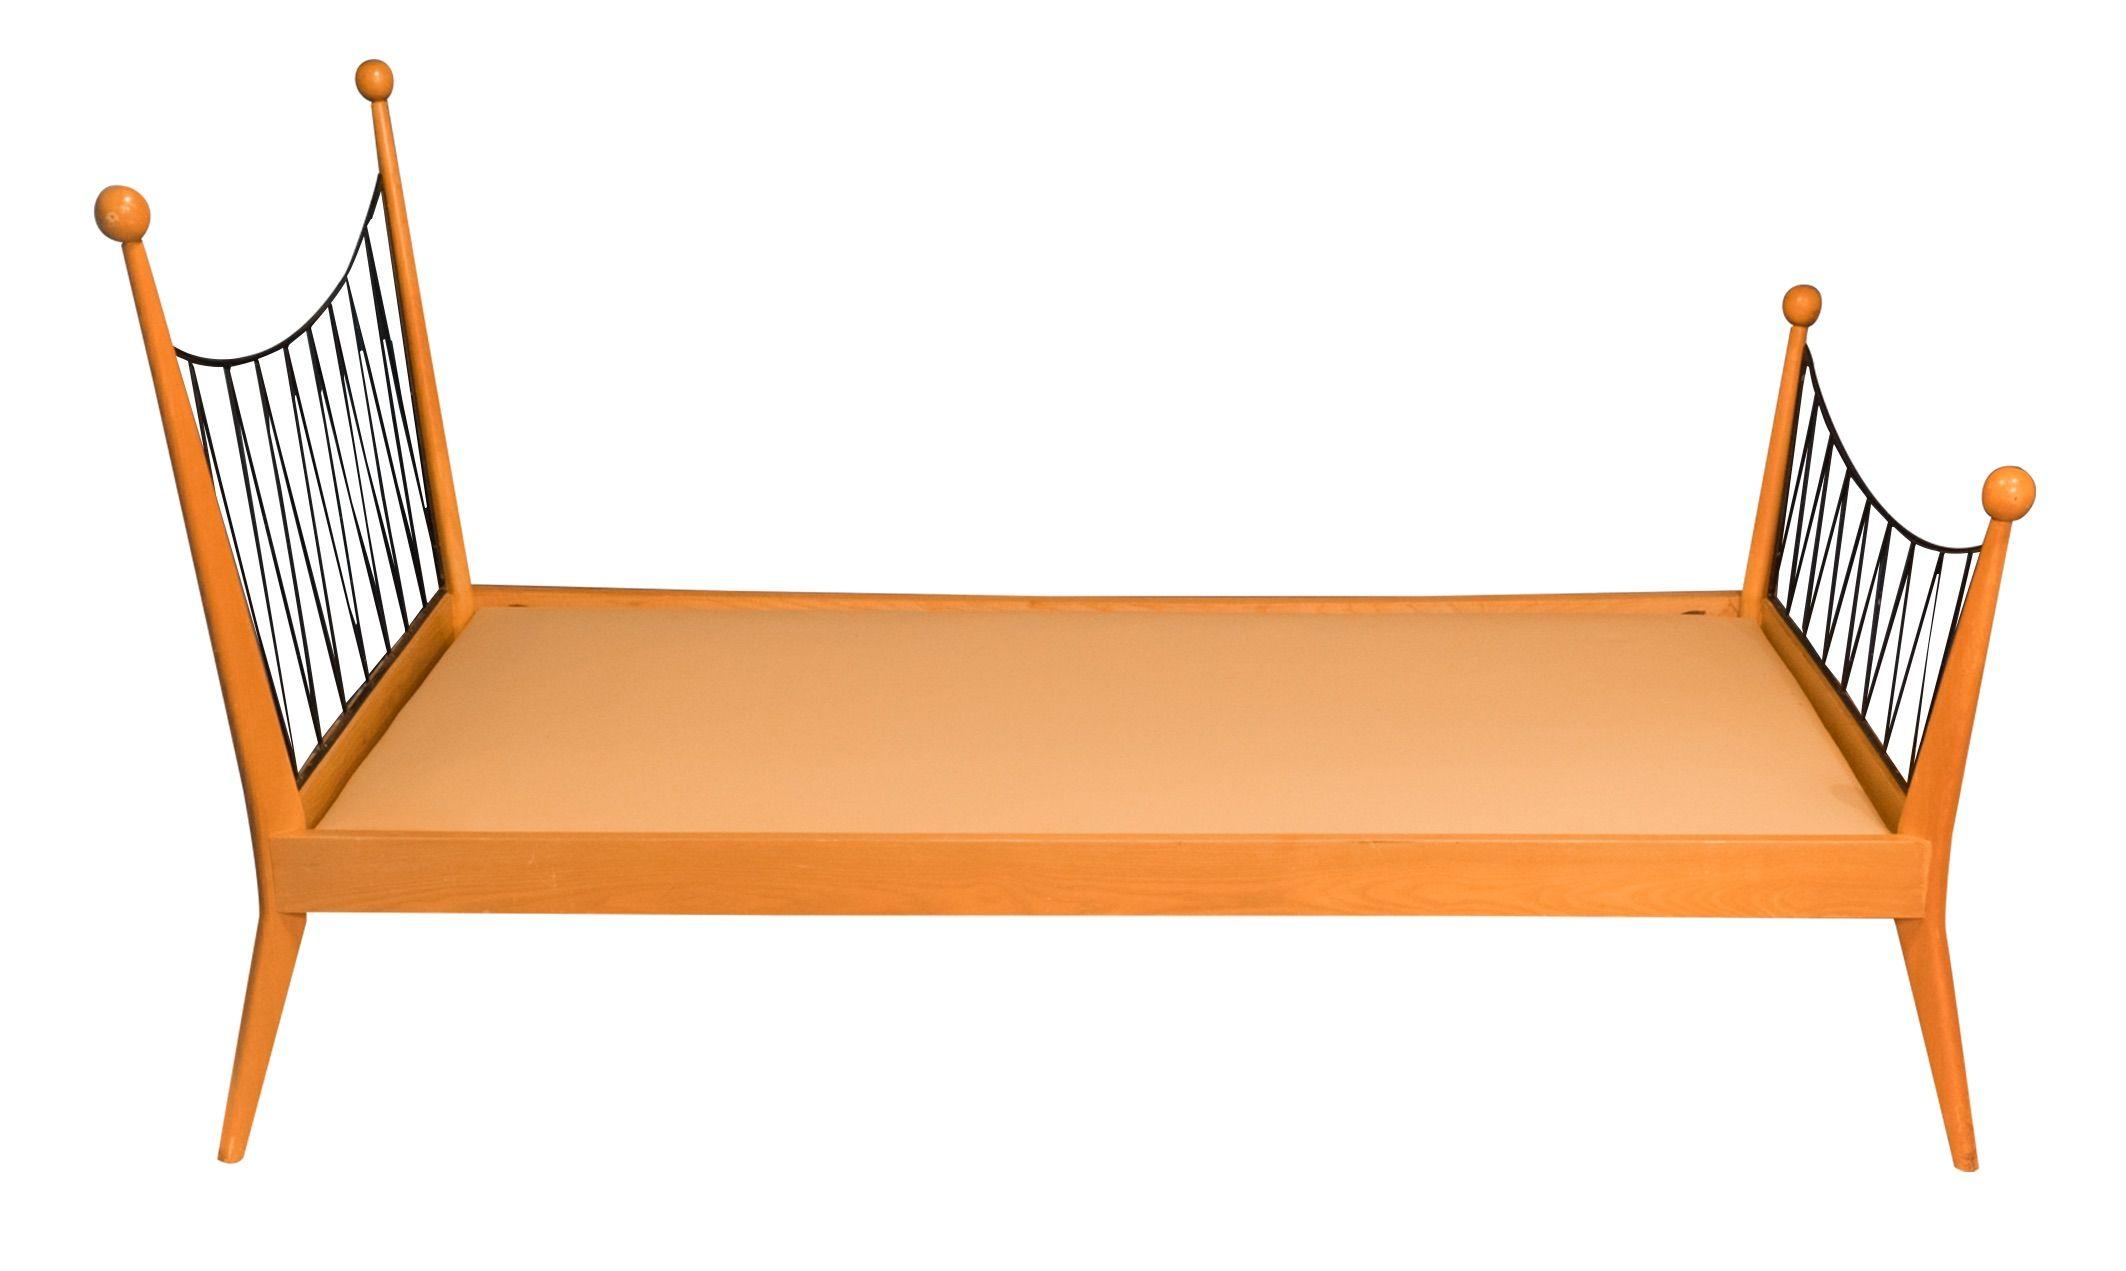 lit et table de chevet fran ais des ann es 50 design market